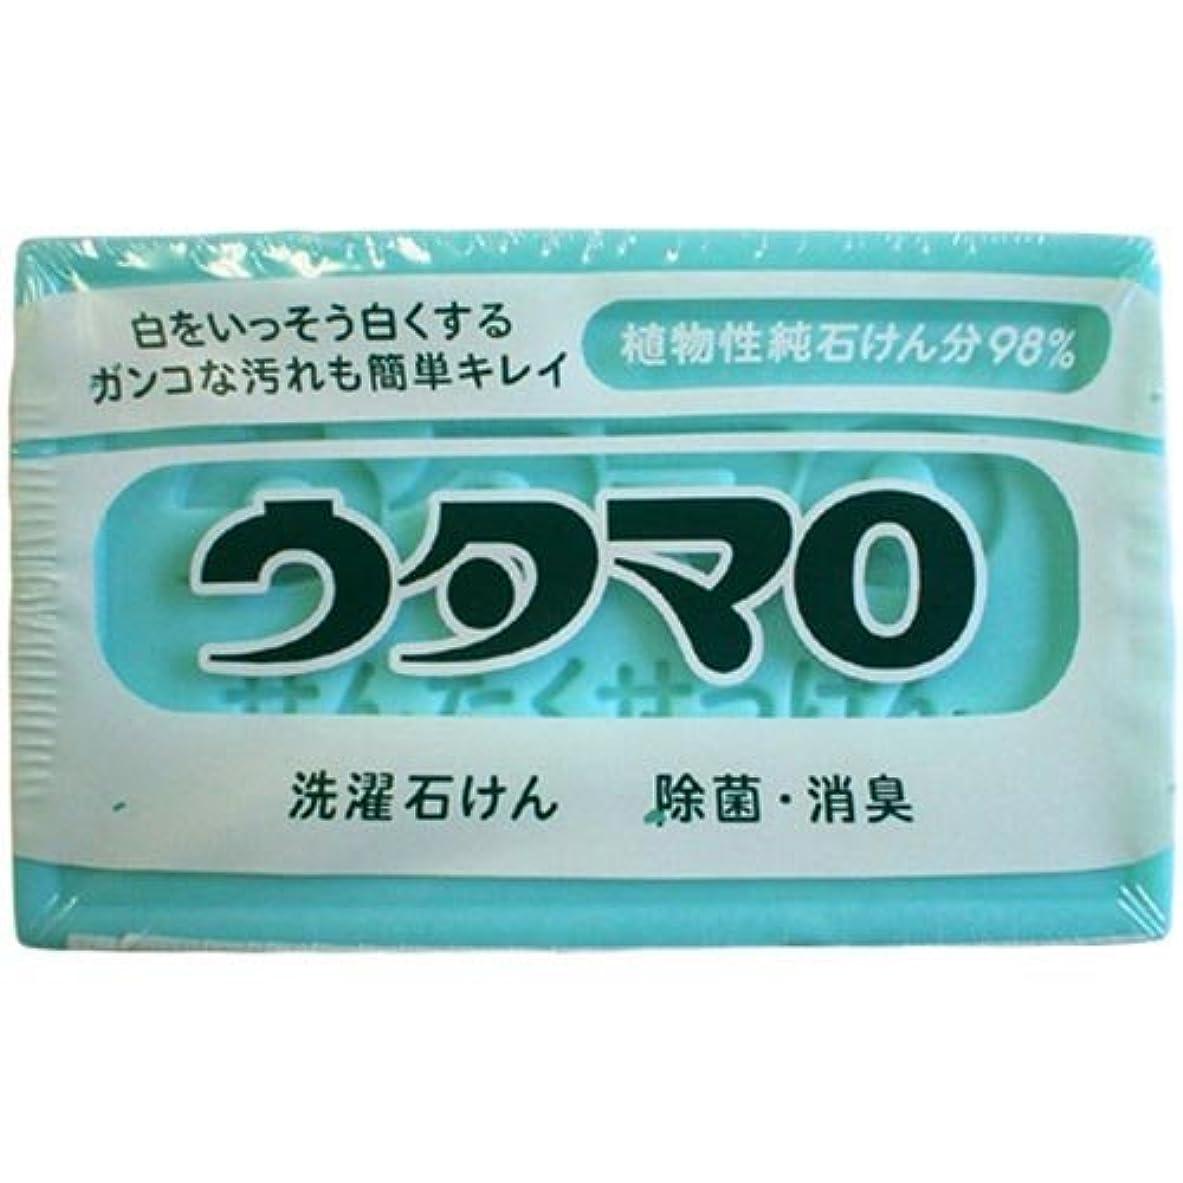 満了ポップ潮東邦 ウタマロ マホー石鹸 3個セット TO-SE3